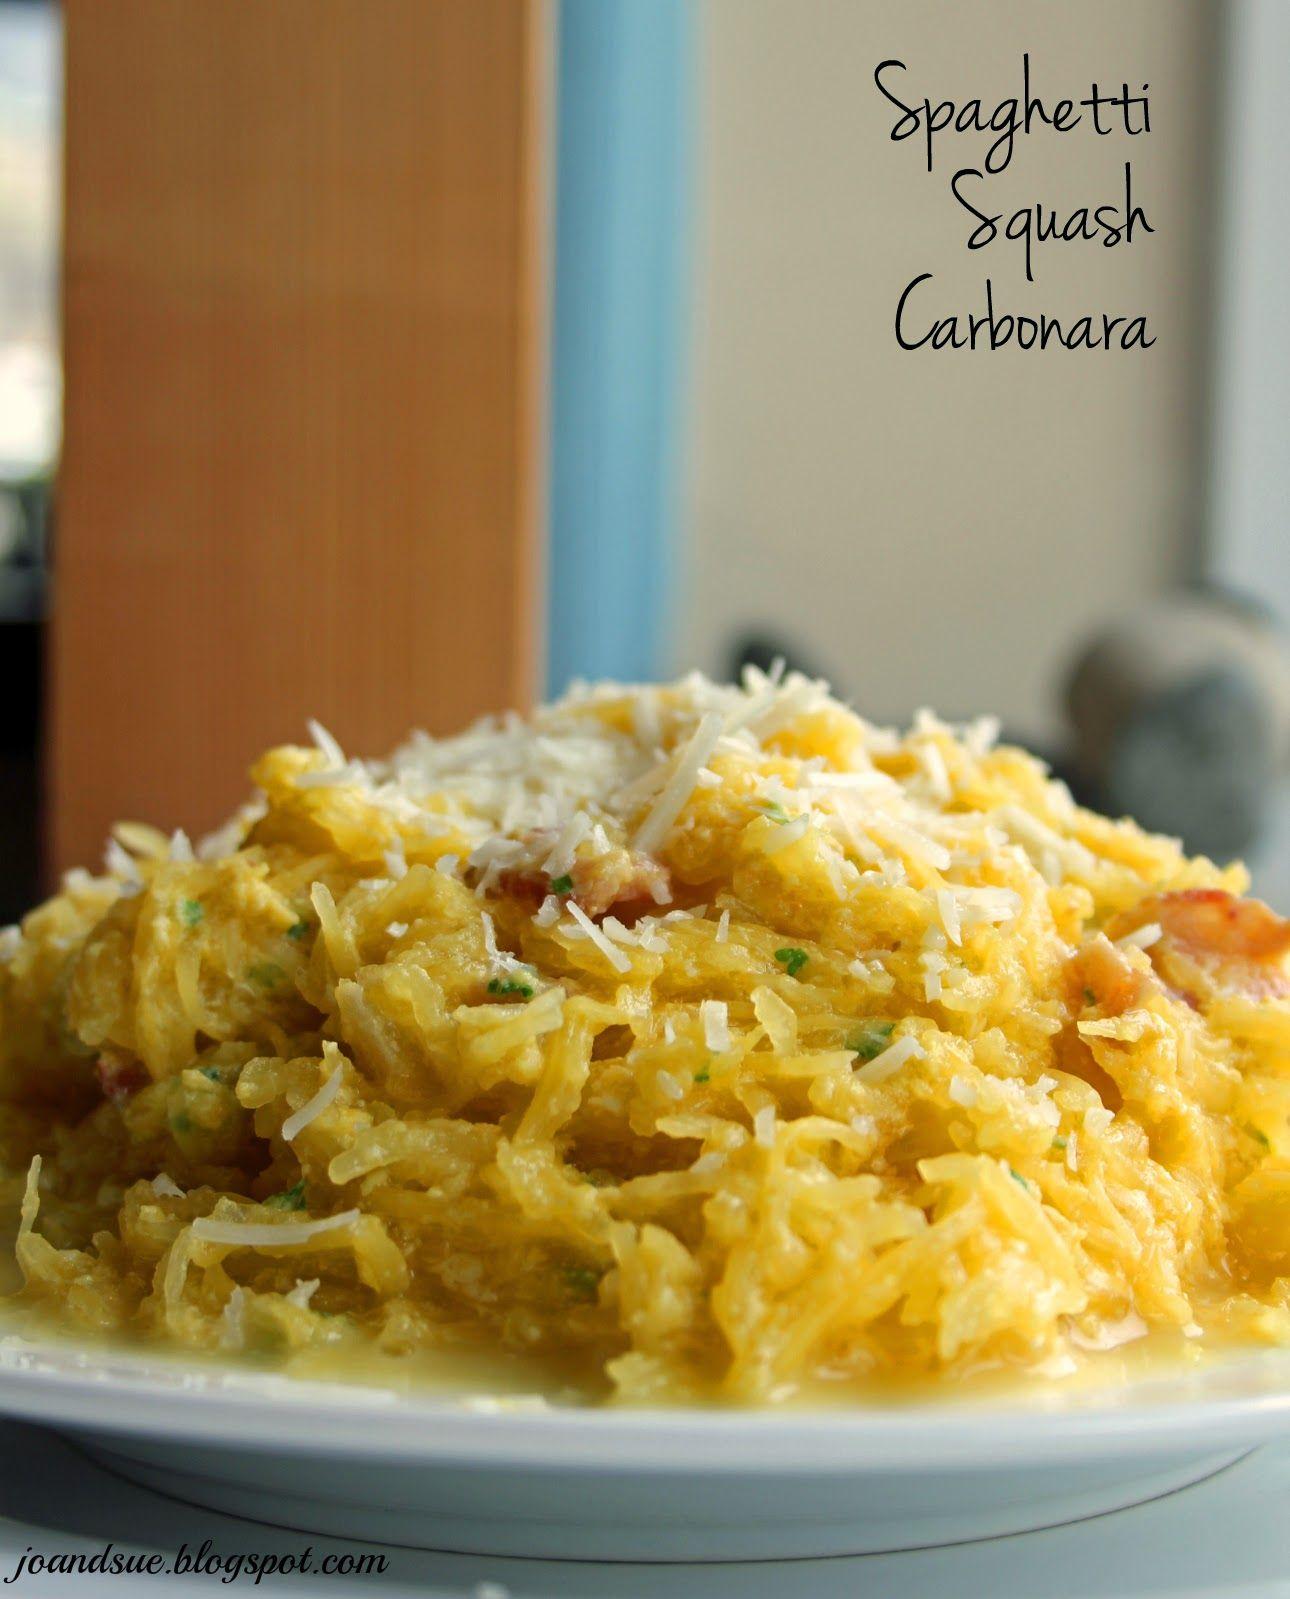 Jo and Sue: Spaghetti Squash Carbonara